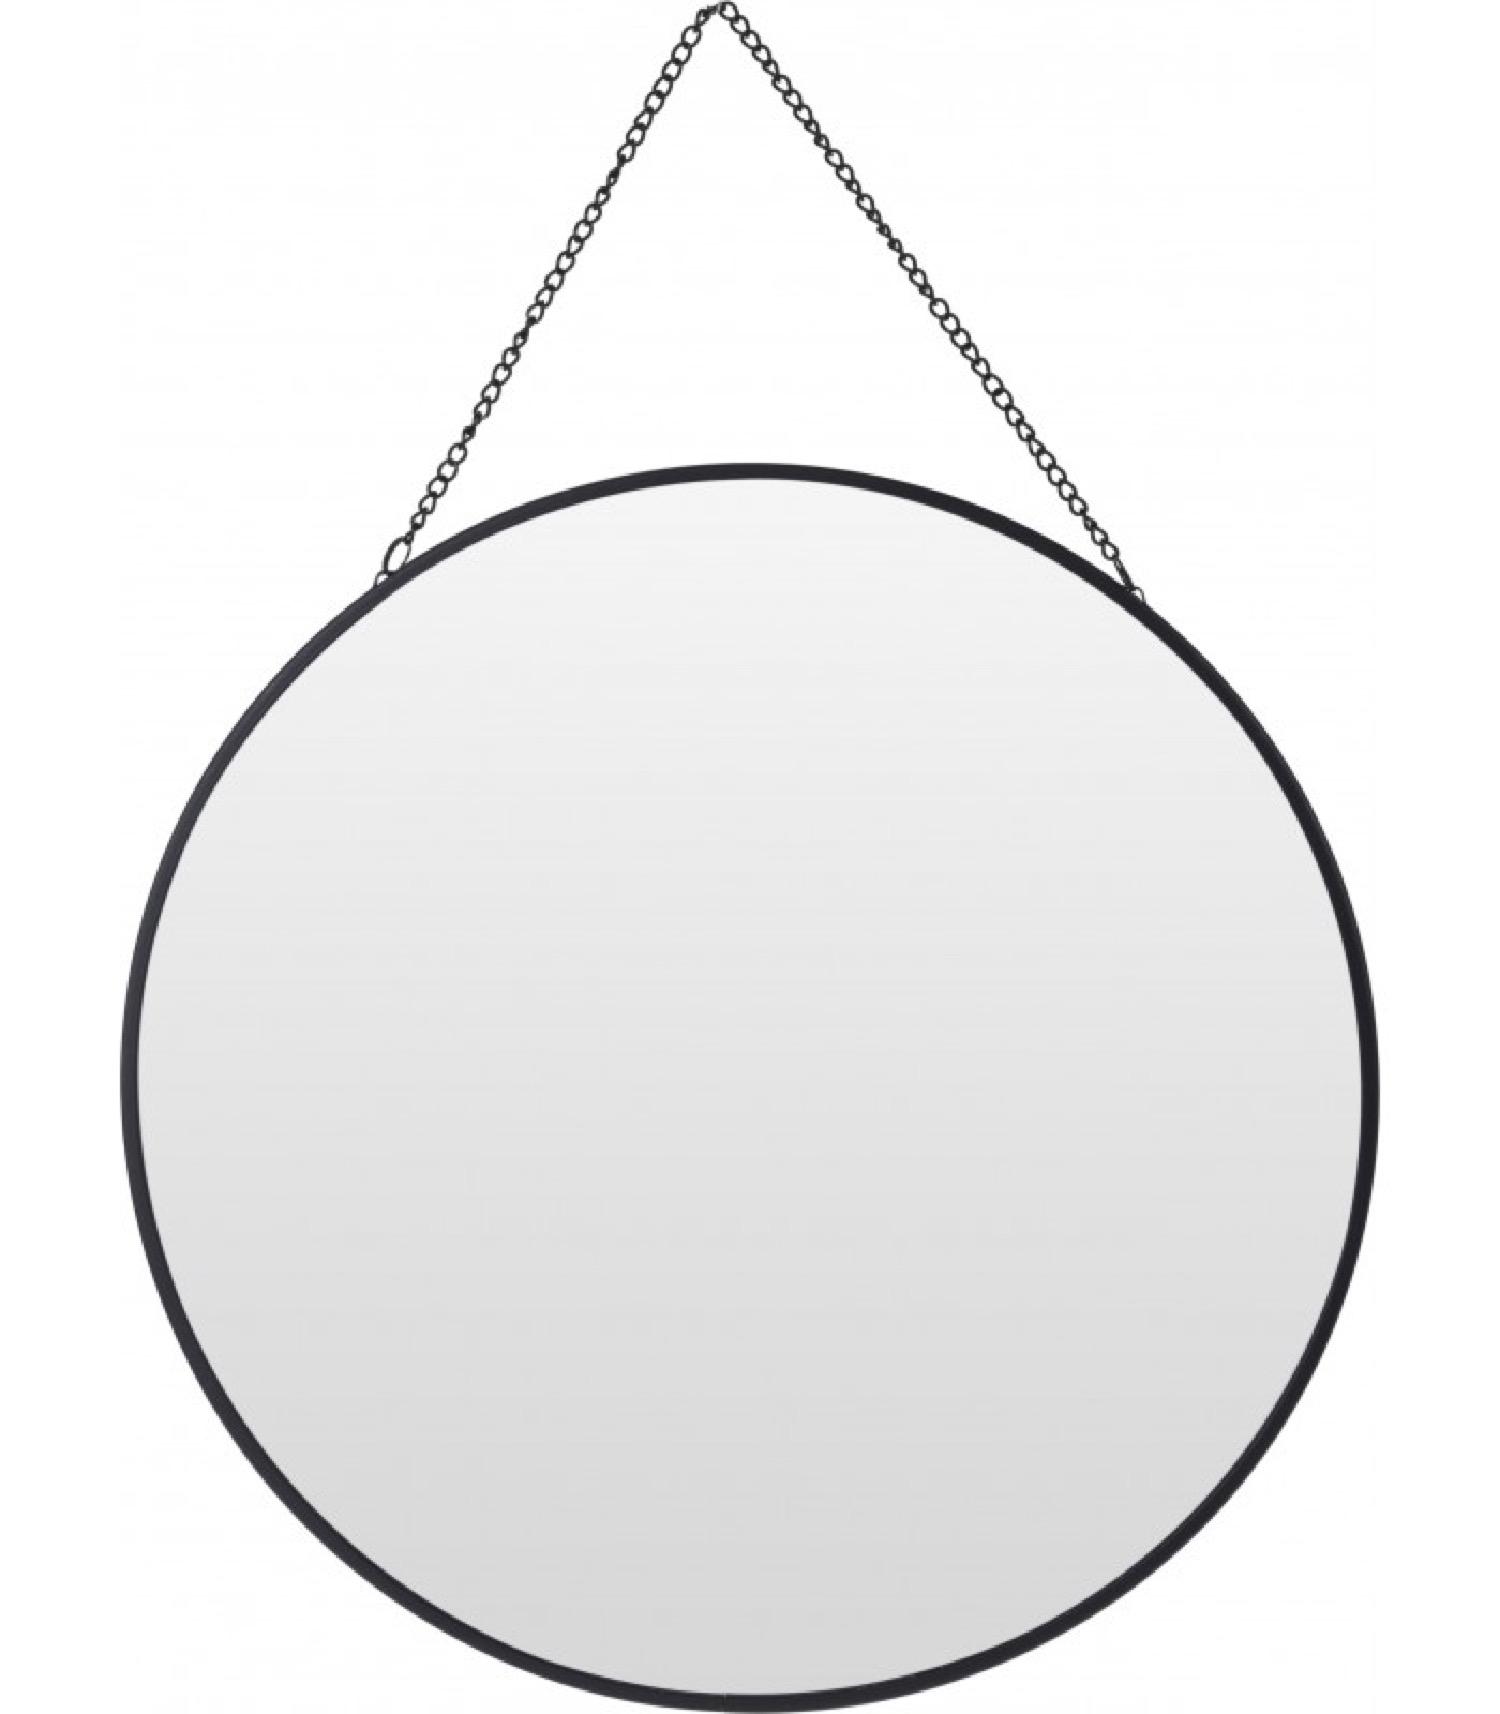 Miroir noir suspendu avec chaînette D29